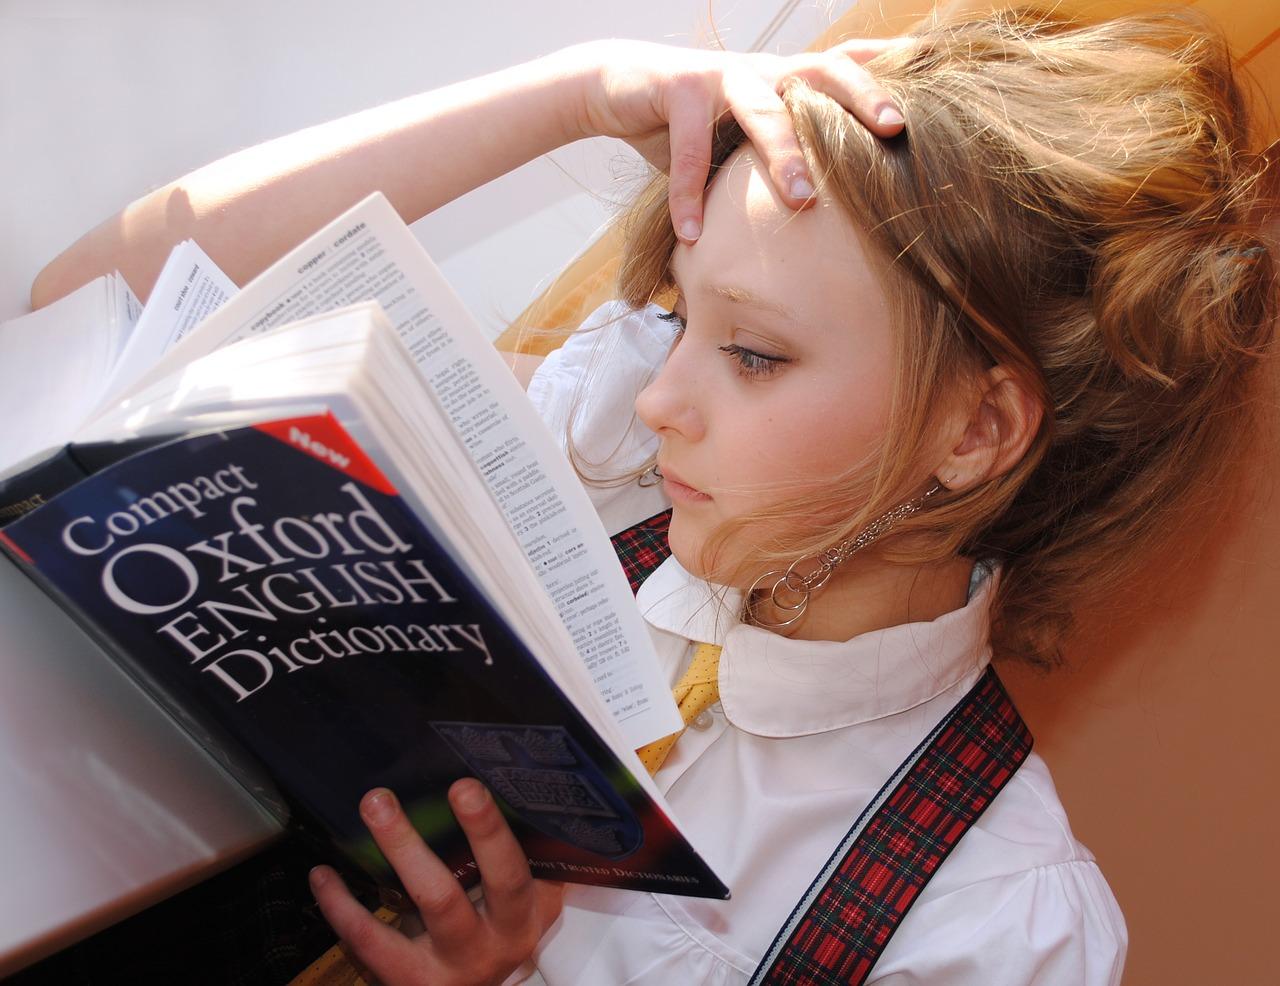 紙の辞書と電子辞書、英語の勉強にはどちらがオススメ?メリデメを徹底比較!